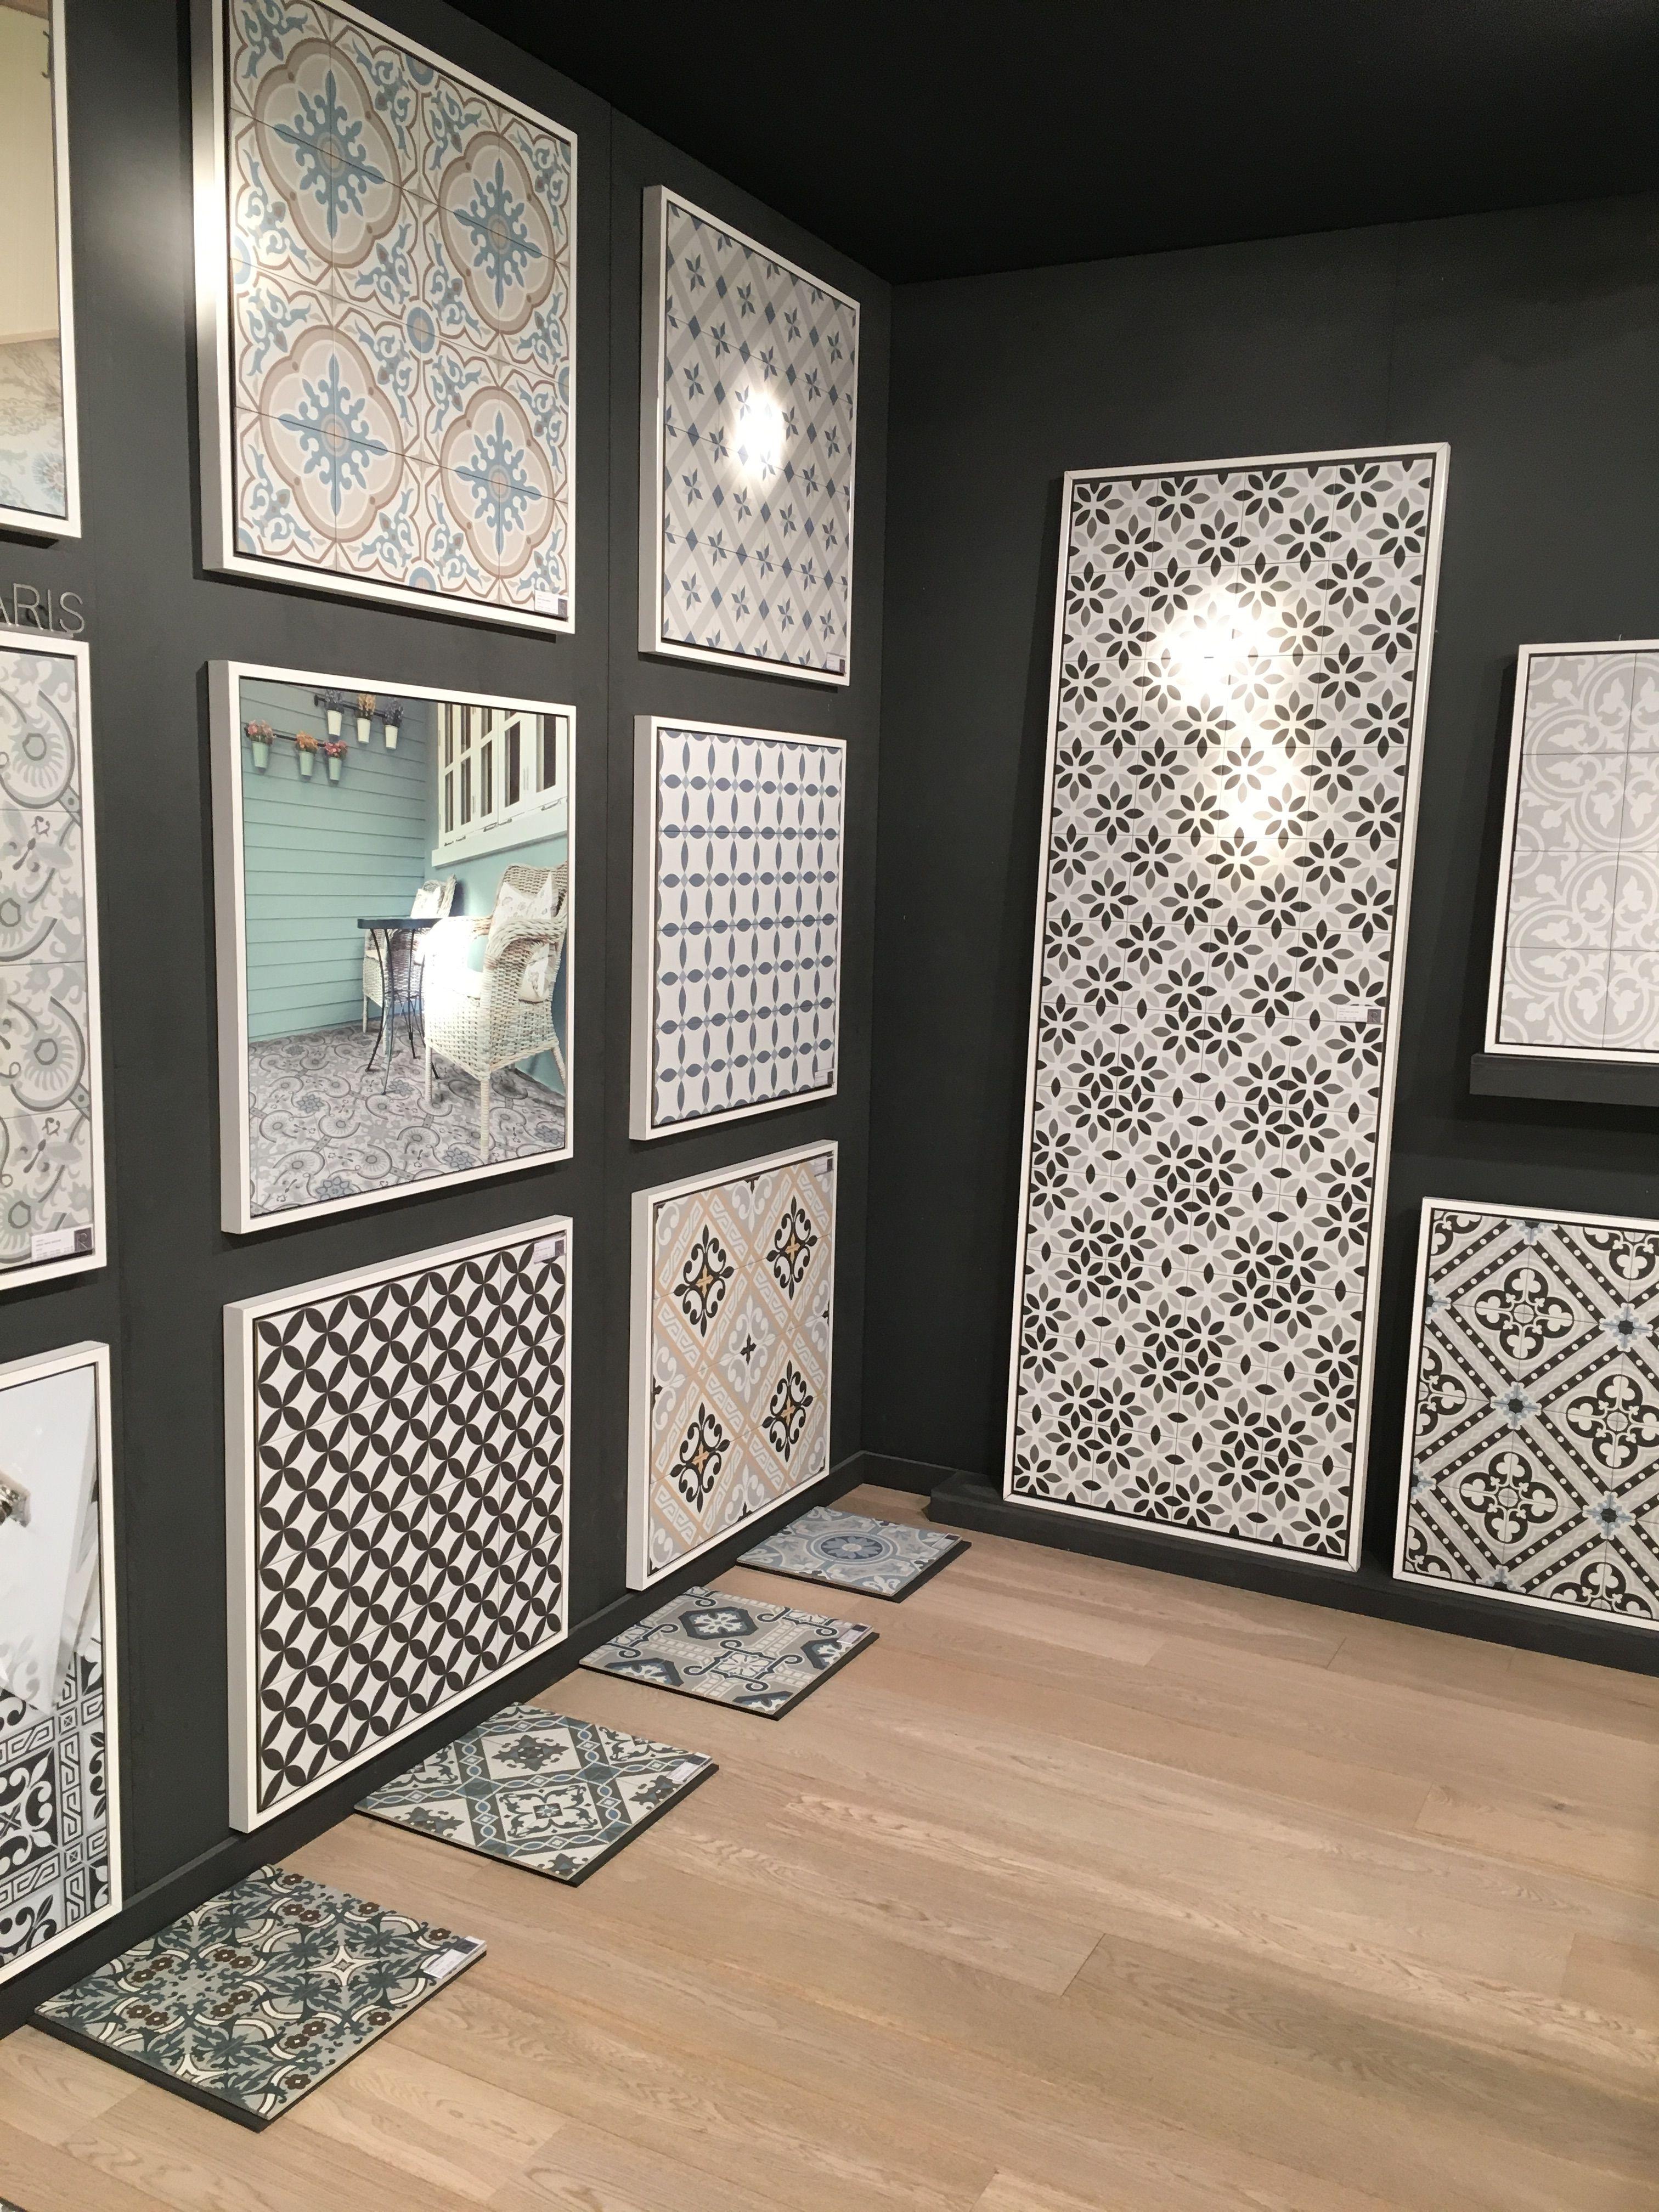 wohnzimmer einrichten simulator : Revoir Paris 2017 Revoir Paris Pinterest